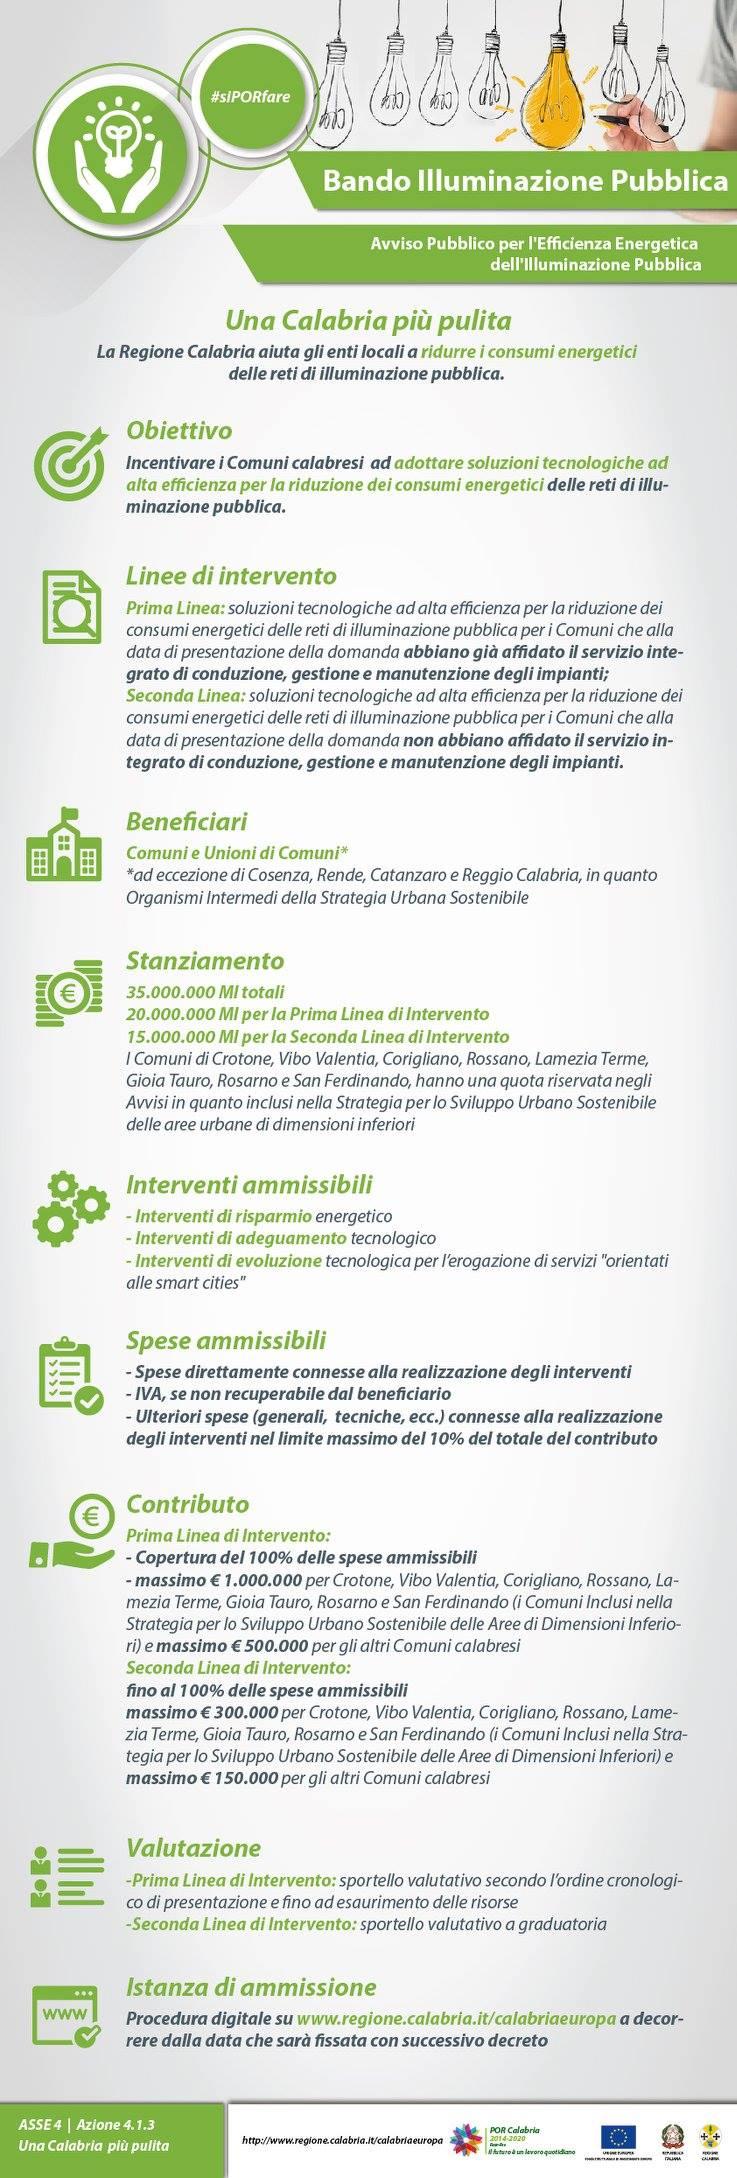 Bando Illuminazione Pubblica Regione Calabria